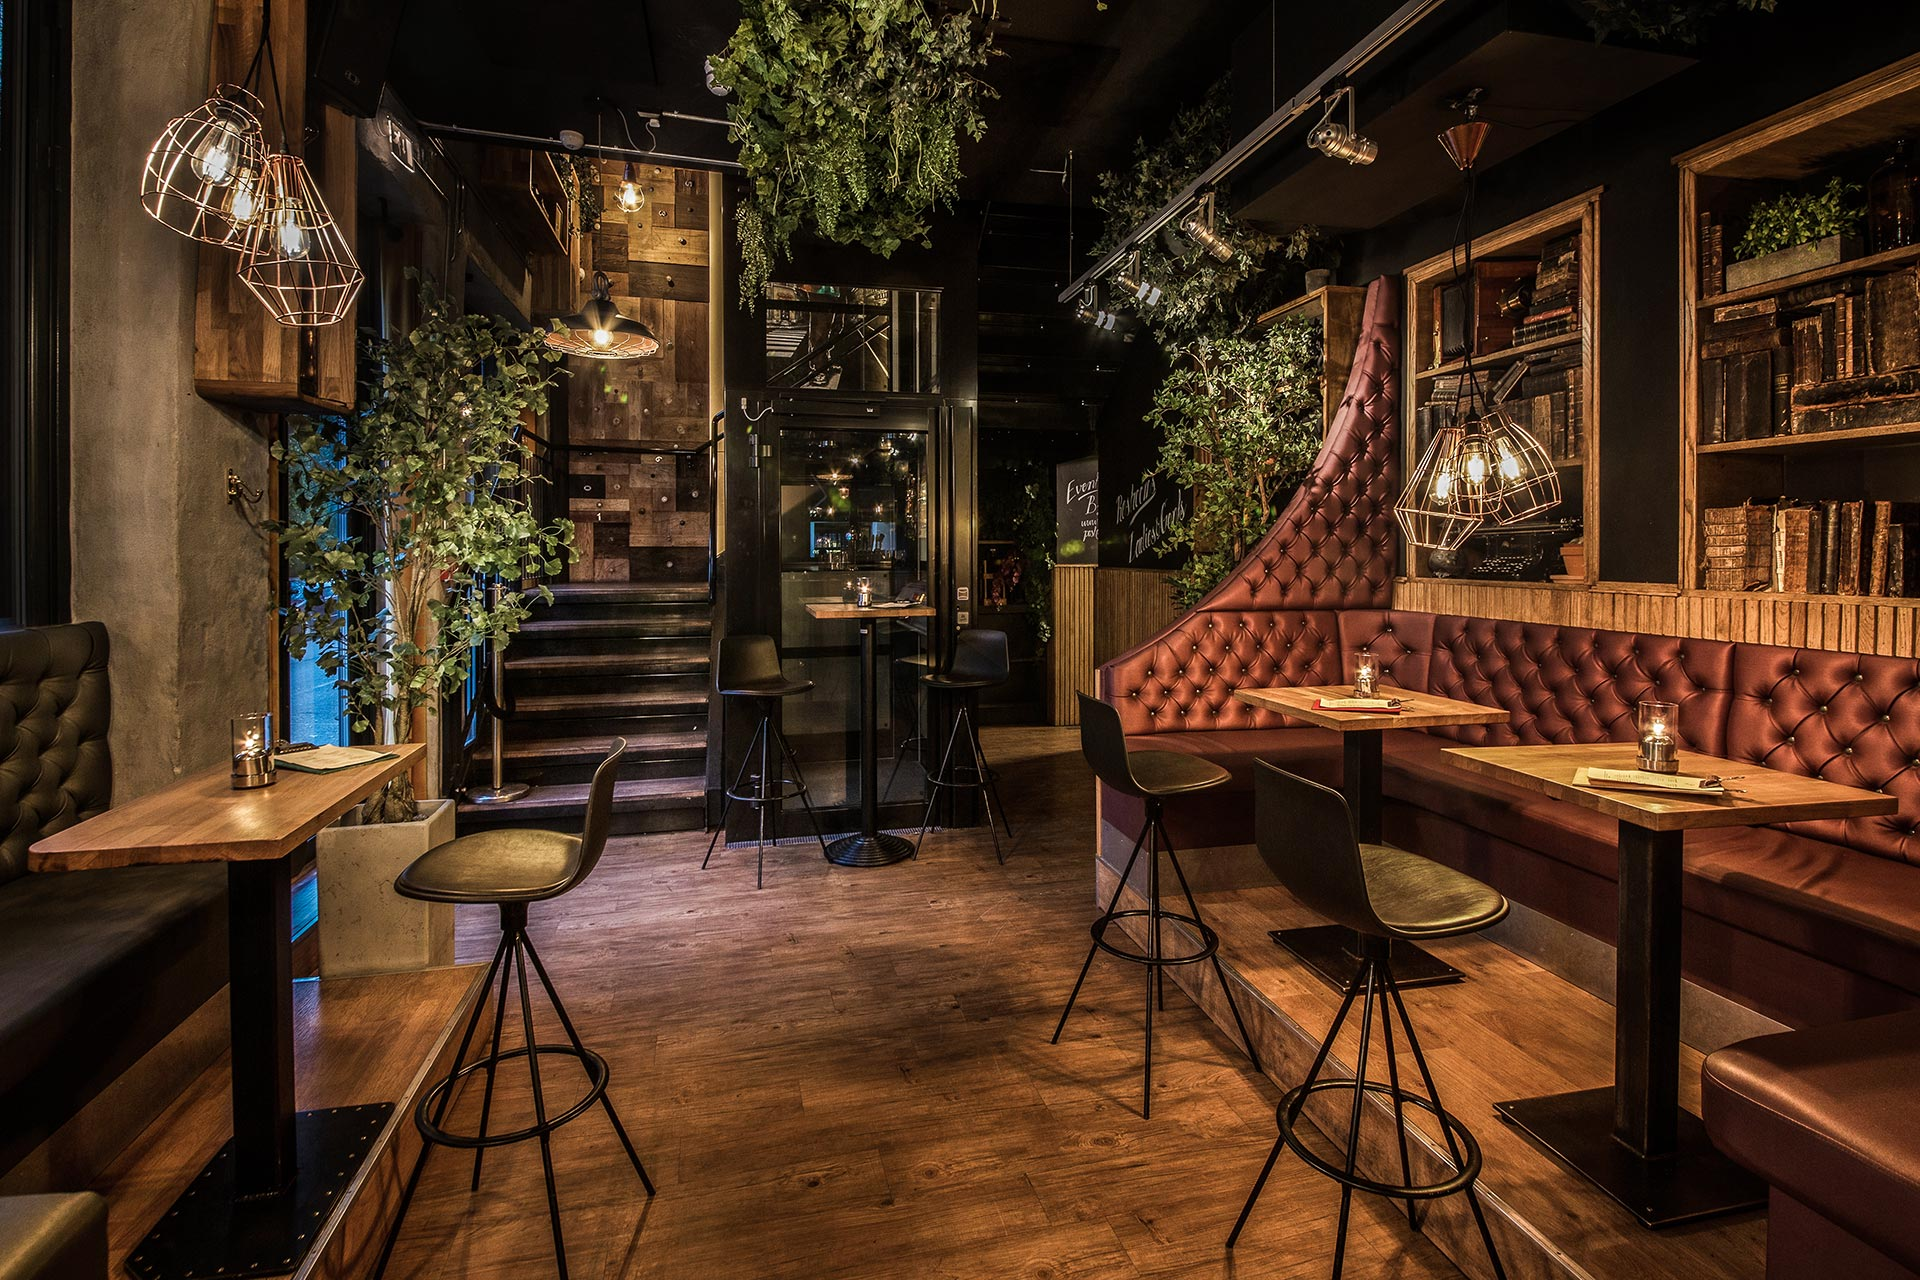 10-nedre-løkka-cocktailbar-lounge-selskapslokale.jpg